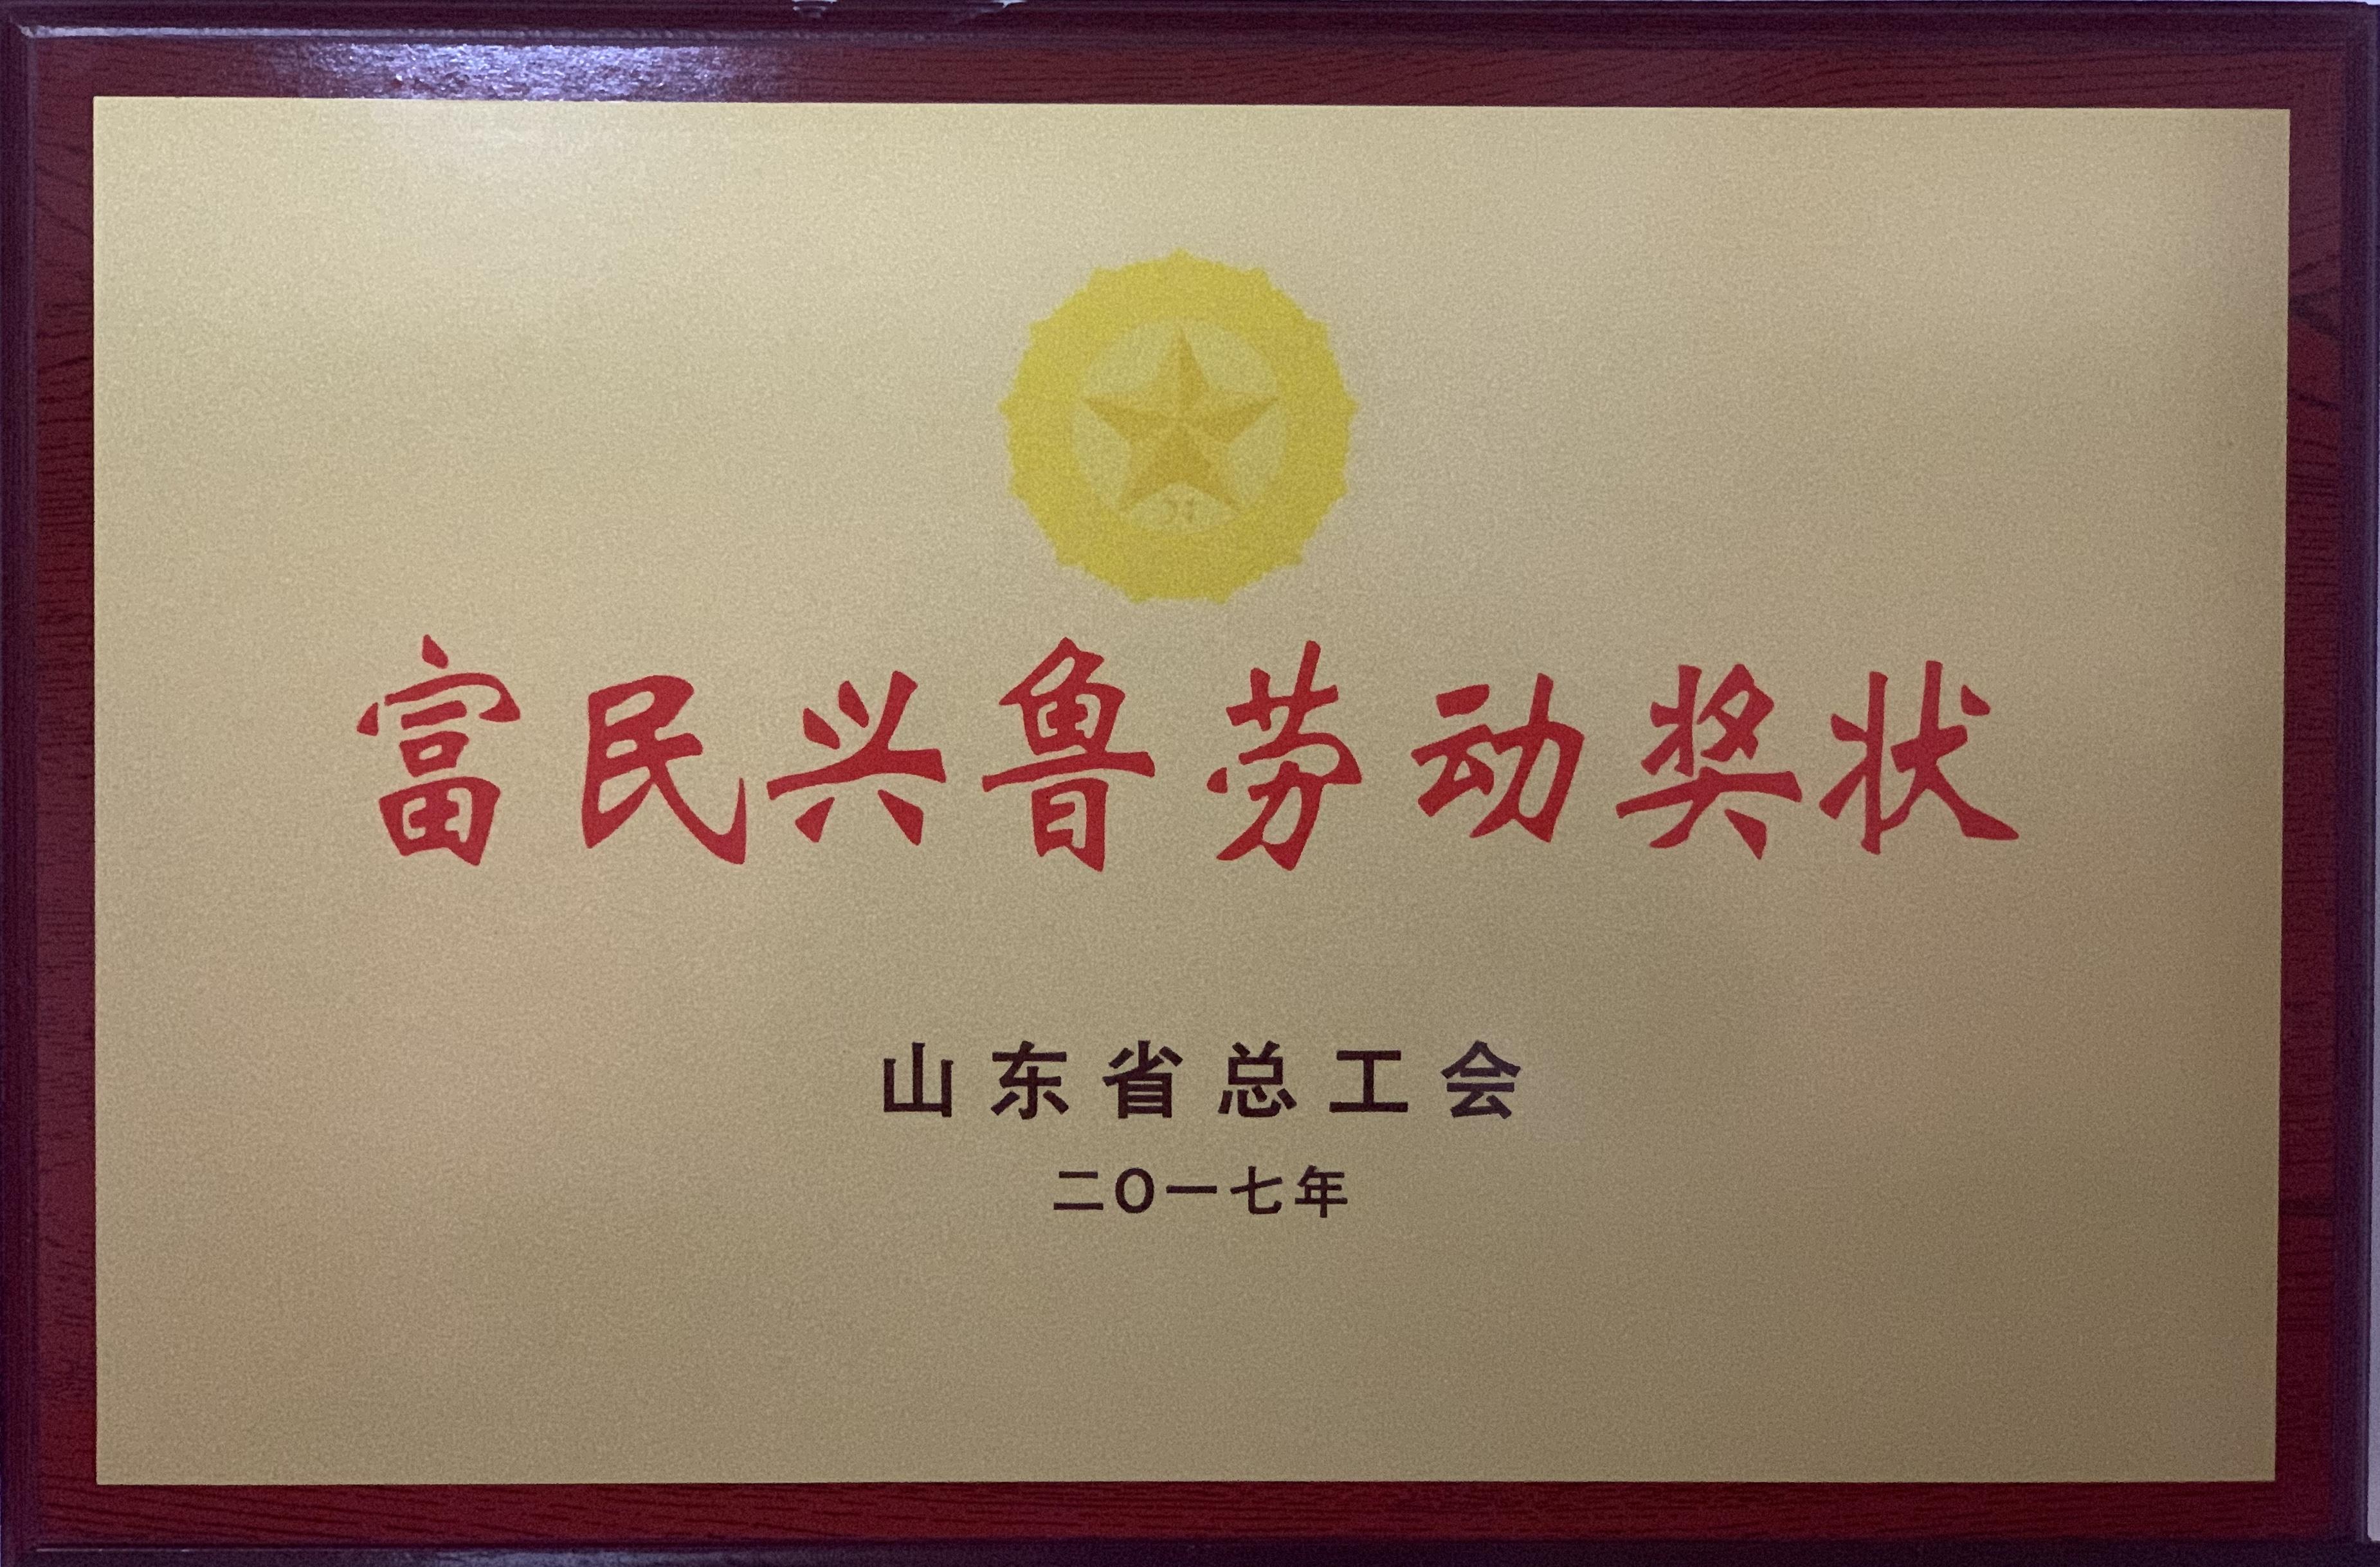 济宁四和供热有限公司荣获山东省总工会富民兴鲁劳动奖状